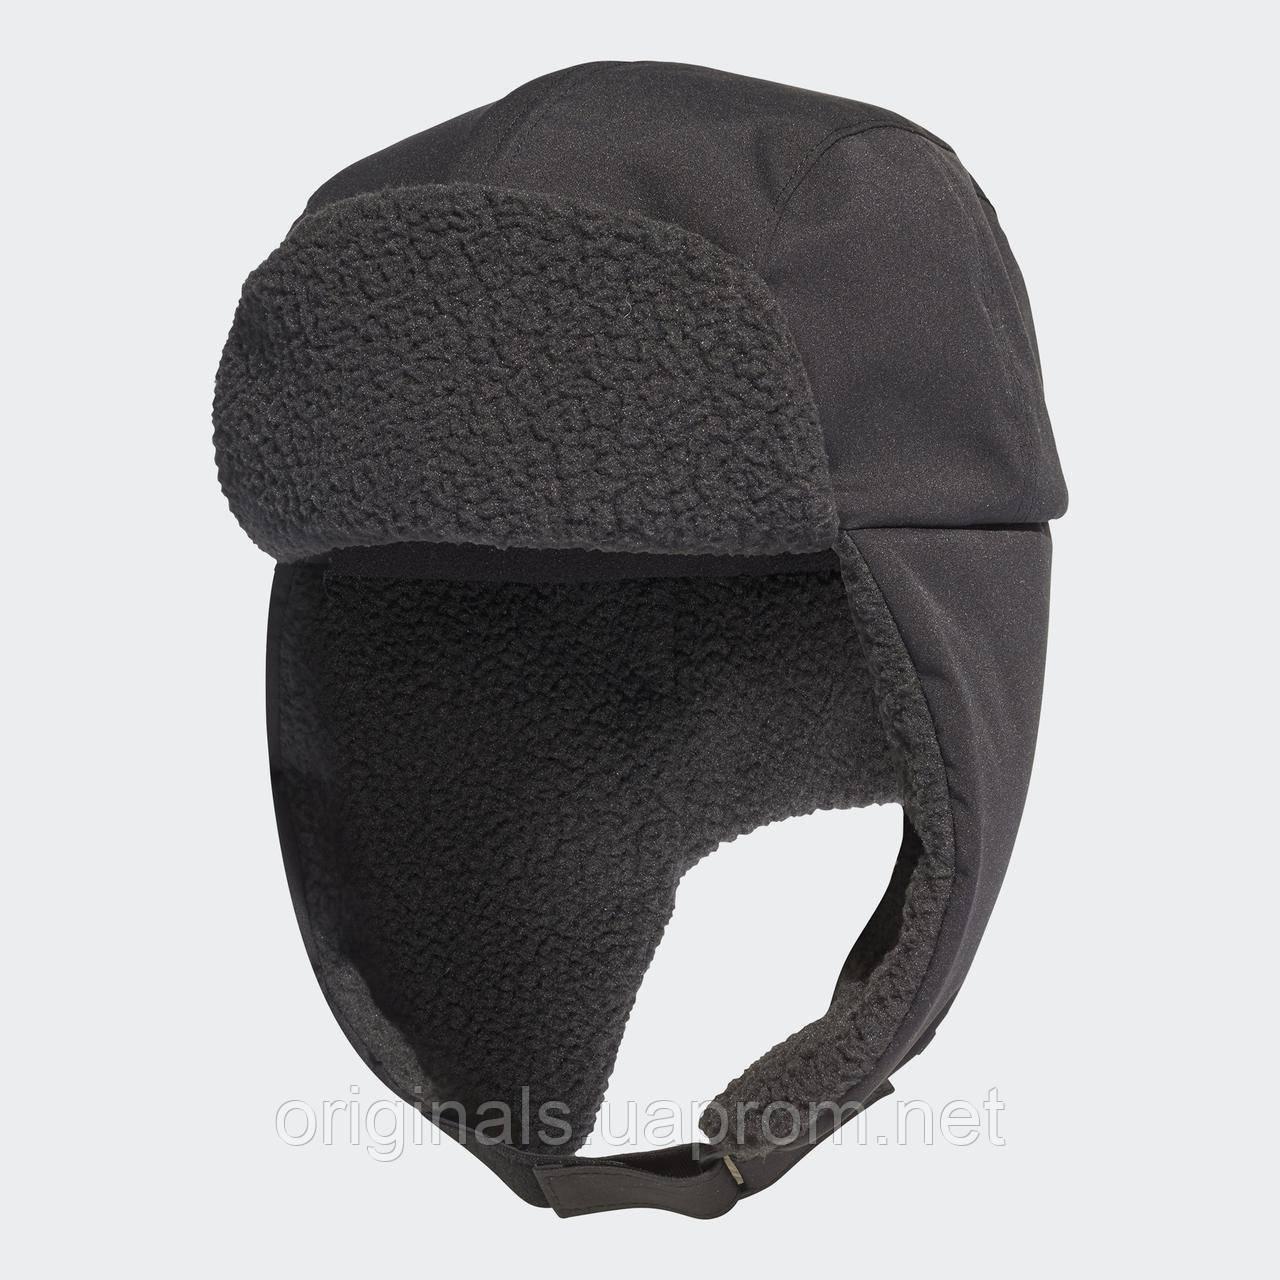 Шапка-ушанка Adidas New Ushanka CY6019